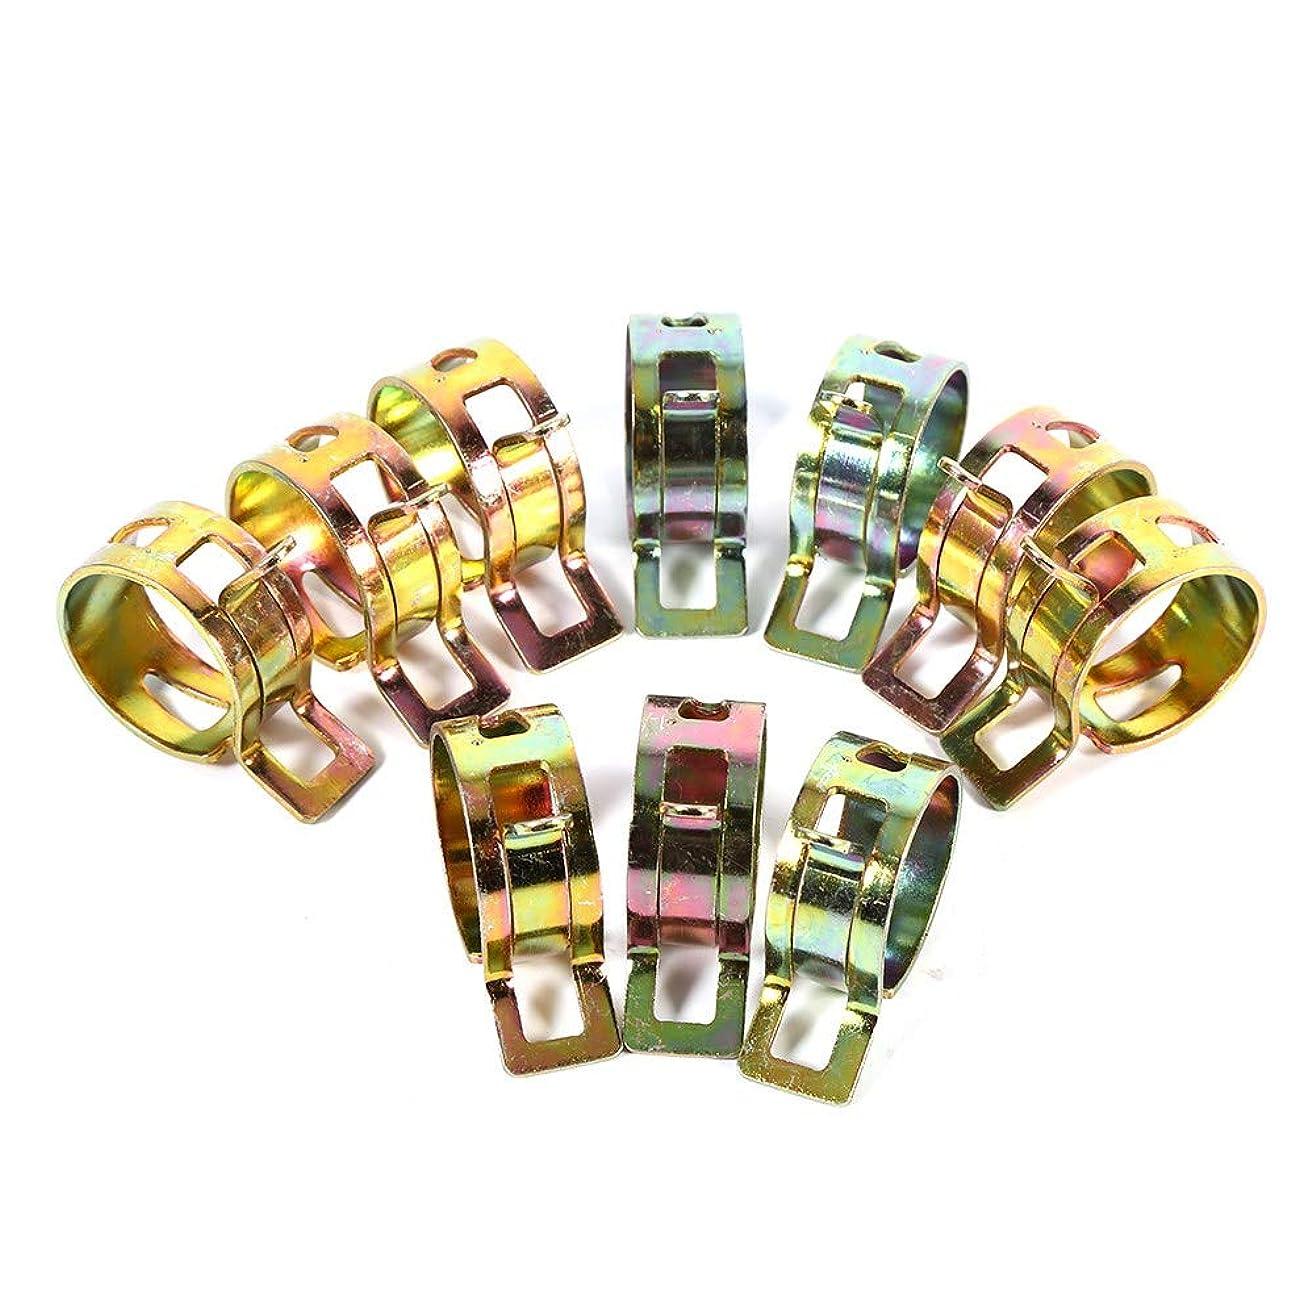 エキスパート歯痛浸漬【100個入】ピース スプリングスチール バンド型 耐久性 燃料ホース クリップ シリコーン パイプクランプ